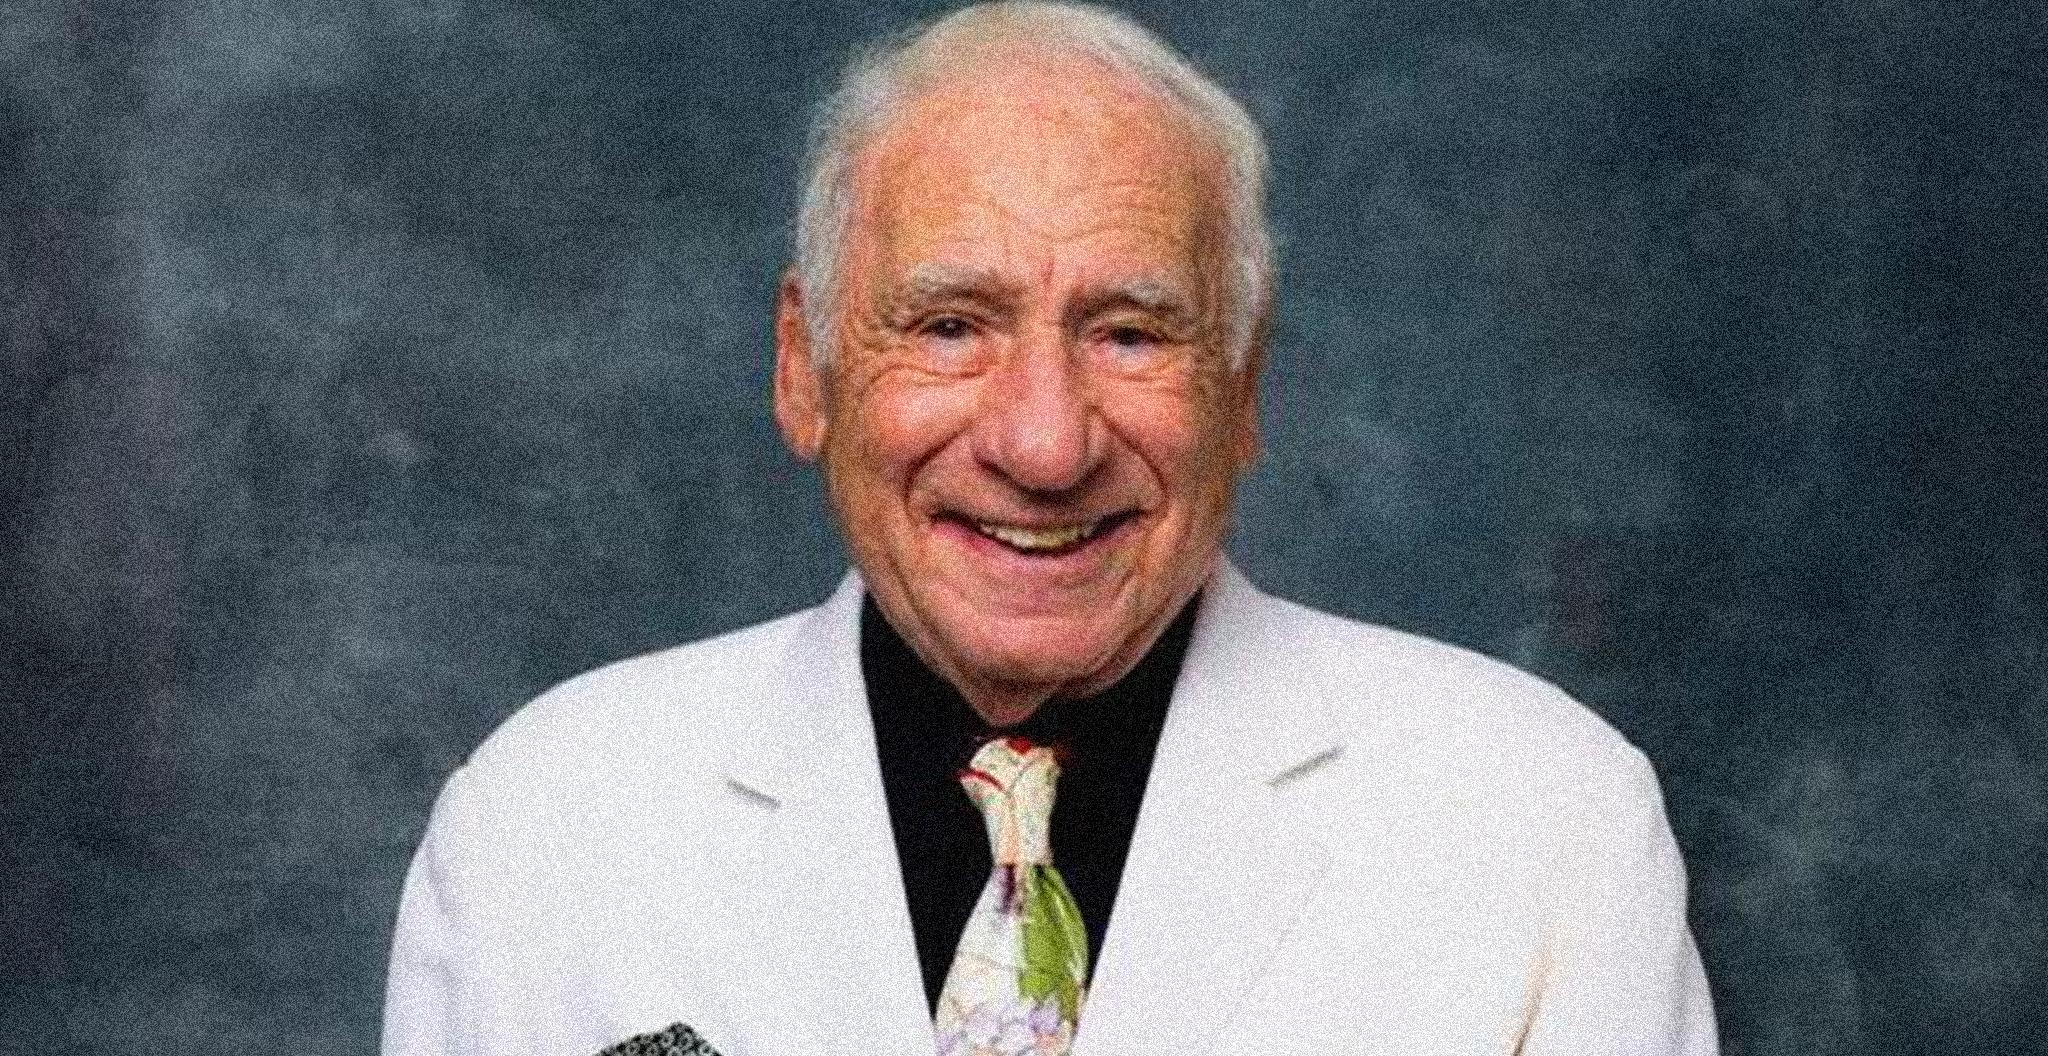 Статья, Комик Мел Брукс объявил о выходе своих первых мемуаров в возрасте 95 лет